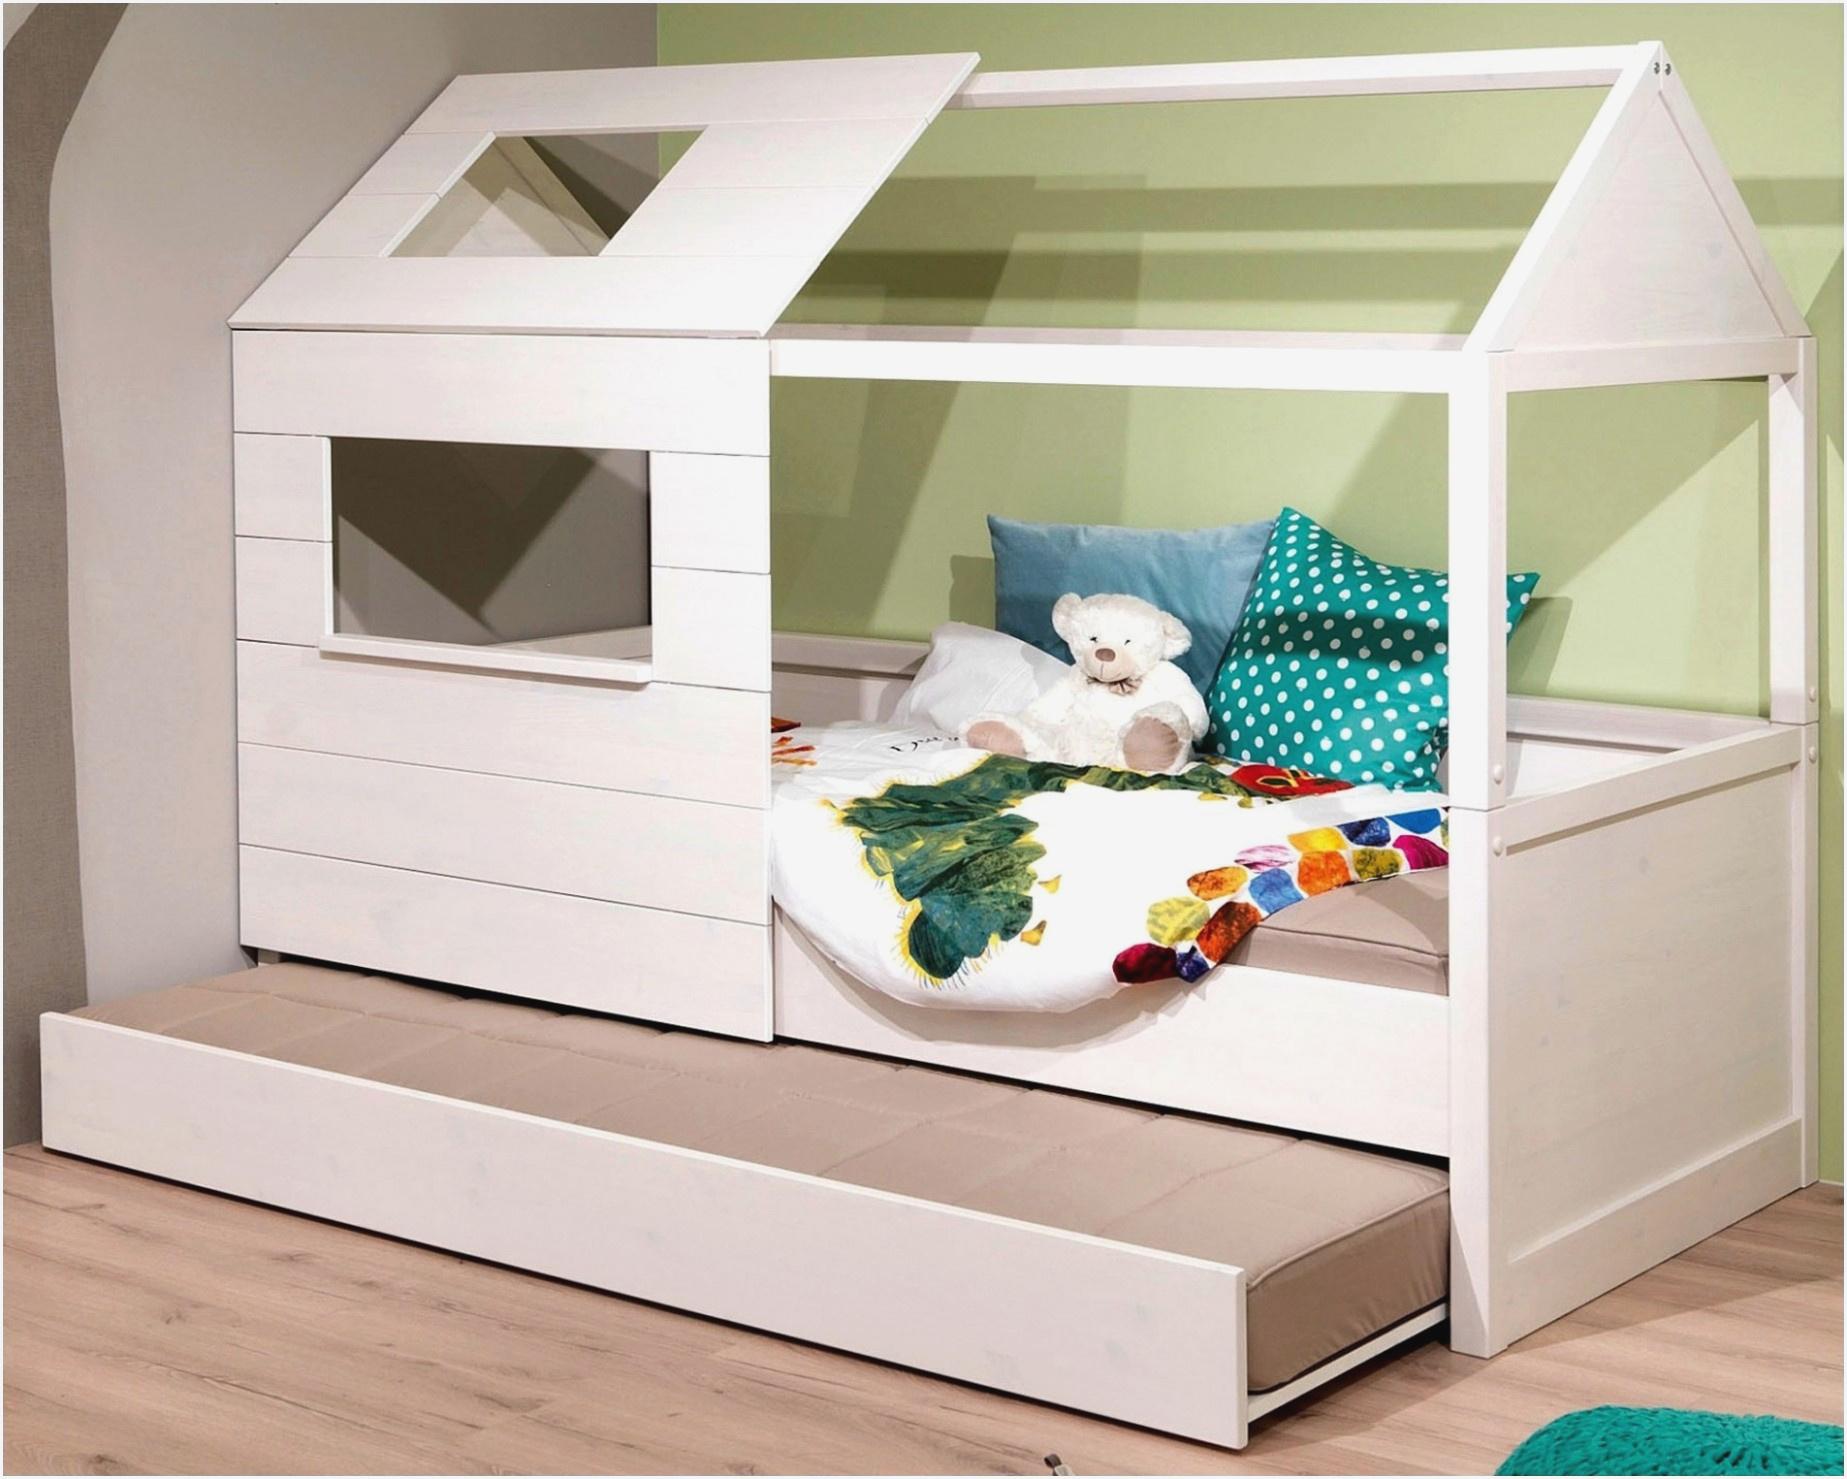 Full Size of Hochbett Kinderzimmer Set Mit Traumhaus Regale Regal Weiß Sofa Kinderzimmer Hochbett Kinderzimmer